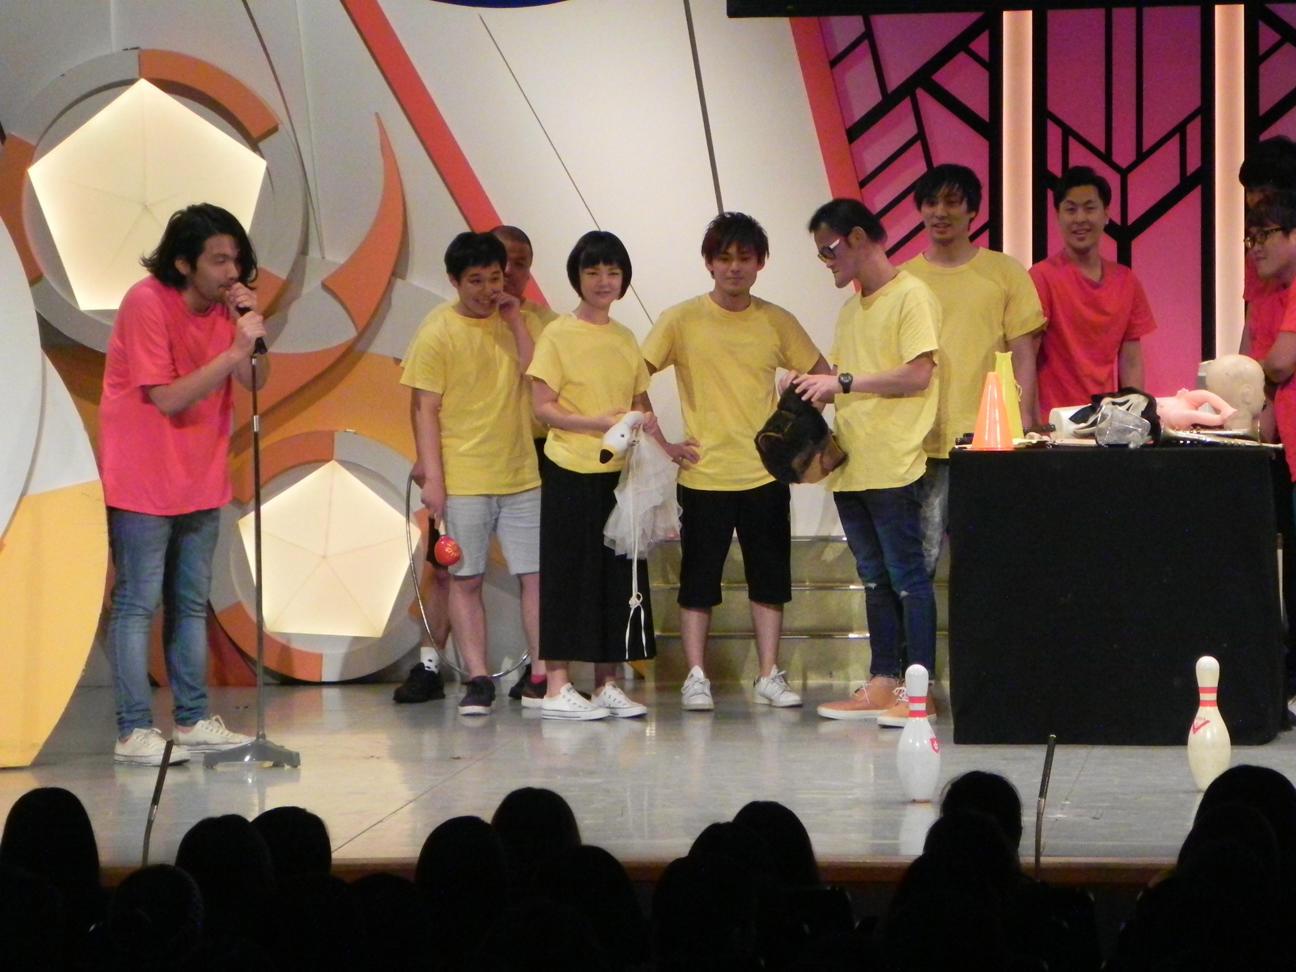 http://news.yoshimoto.co.jp/20170727185304-5eee4fe6f1885f7a92854027dbad476bb0dcb591.jpg